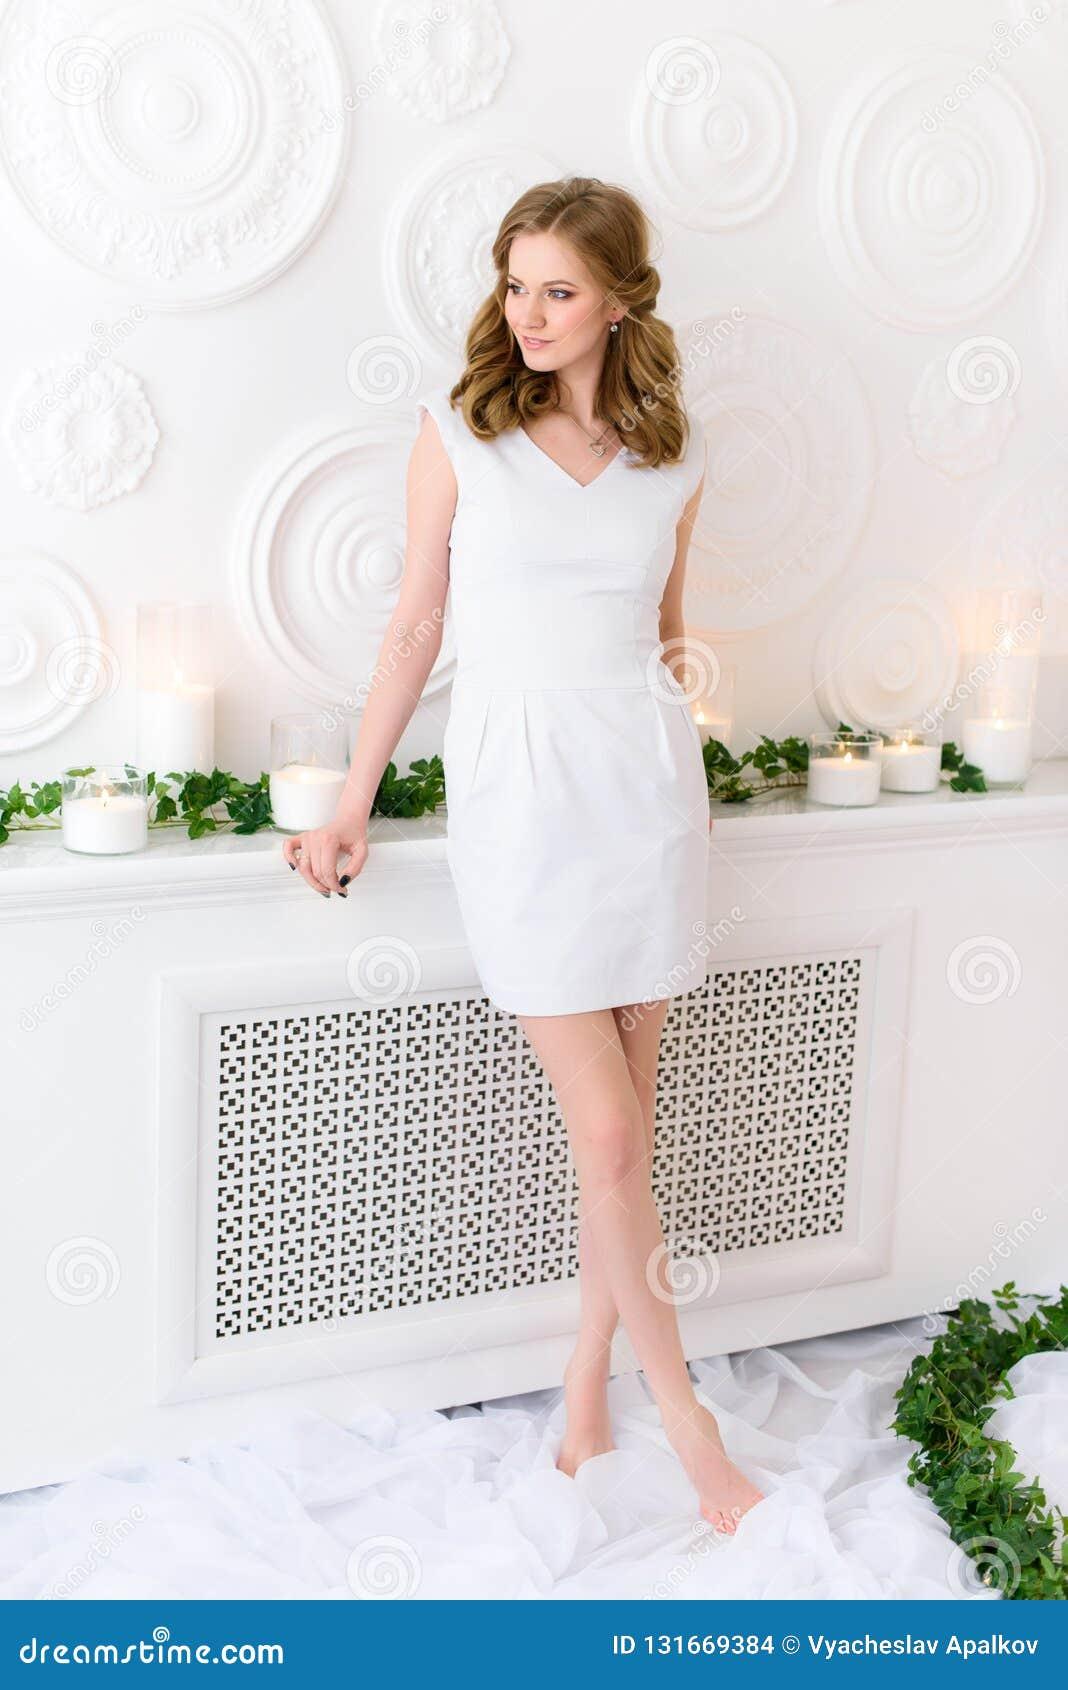 Όμορφη τοποθέτηση νέων κοριτσιών για μια εικόνα, άσπρο φόρεμα που συσχετίζει με τους καθαρούς τοίχους, μακριά λεπτά πόδια που δια